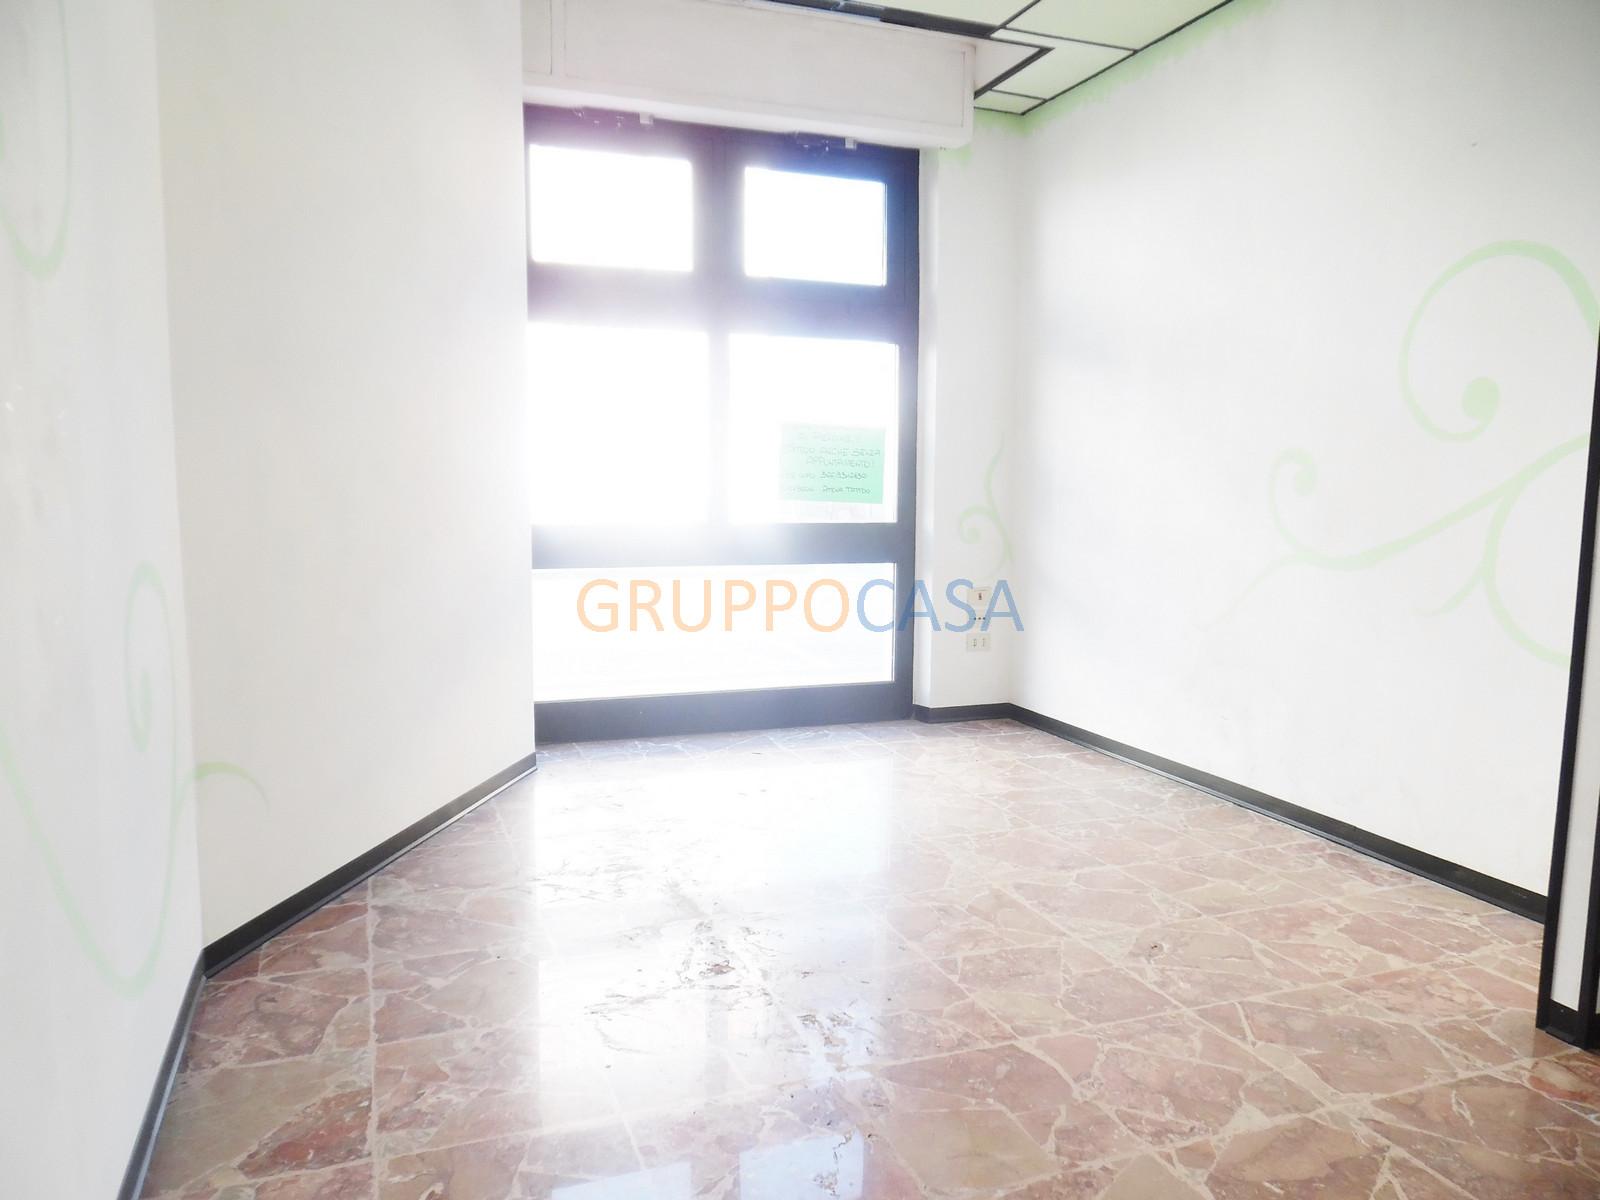 Negozio / Locale in affitto a Chiesina Uzzanese, 9999 locali, zona Località: Centro, prezzo € 400 | Cambio Casa.it